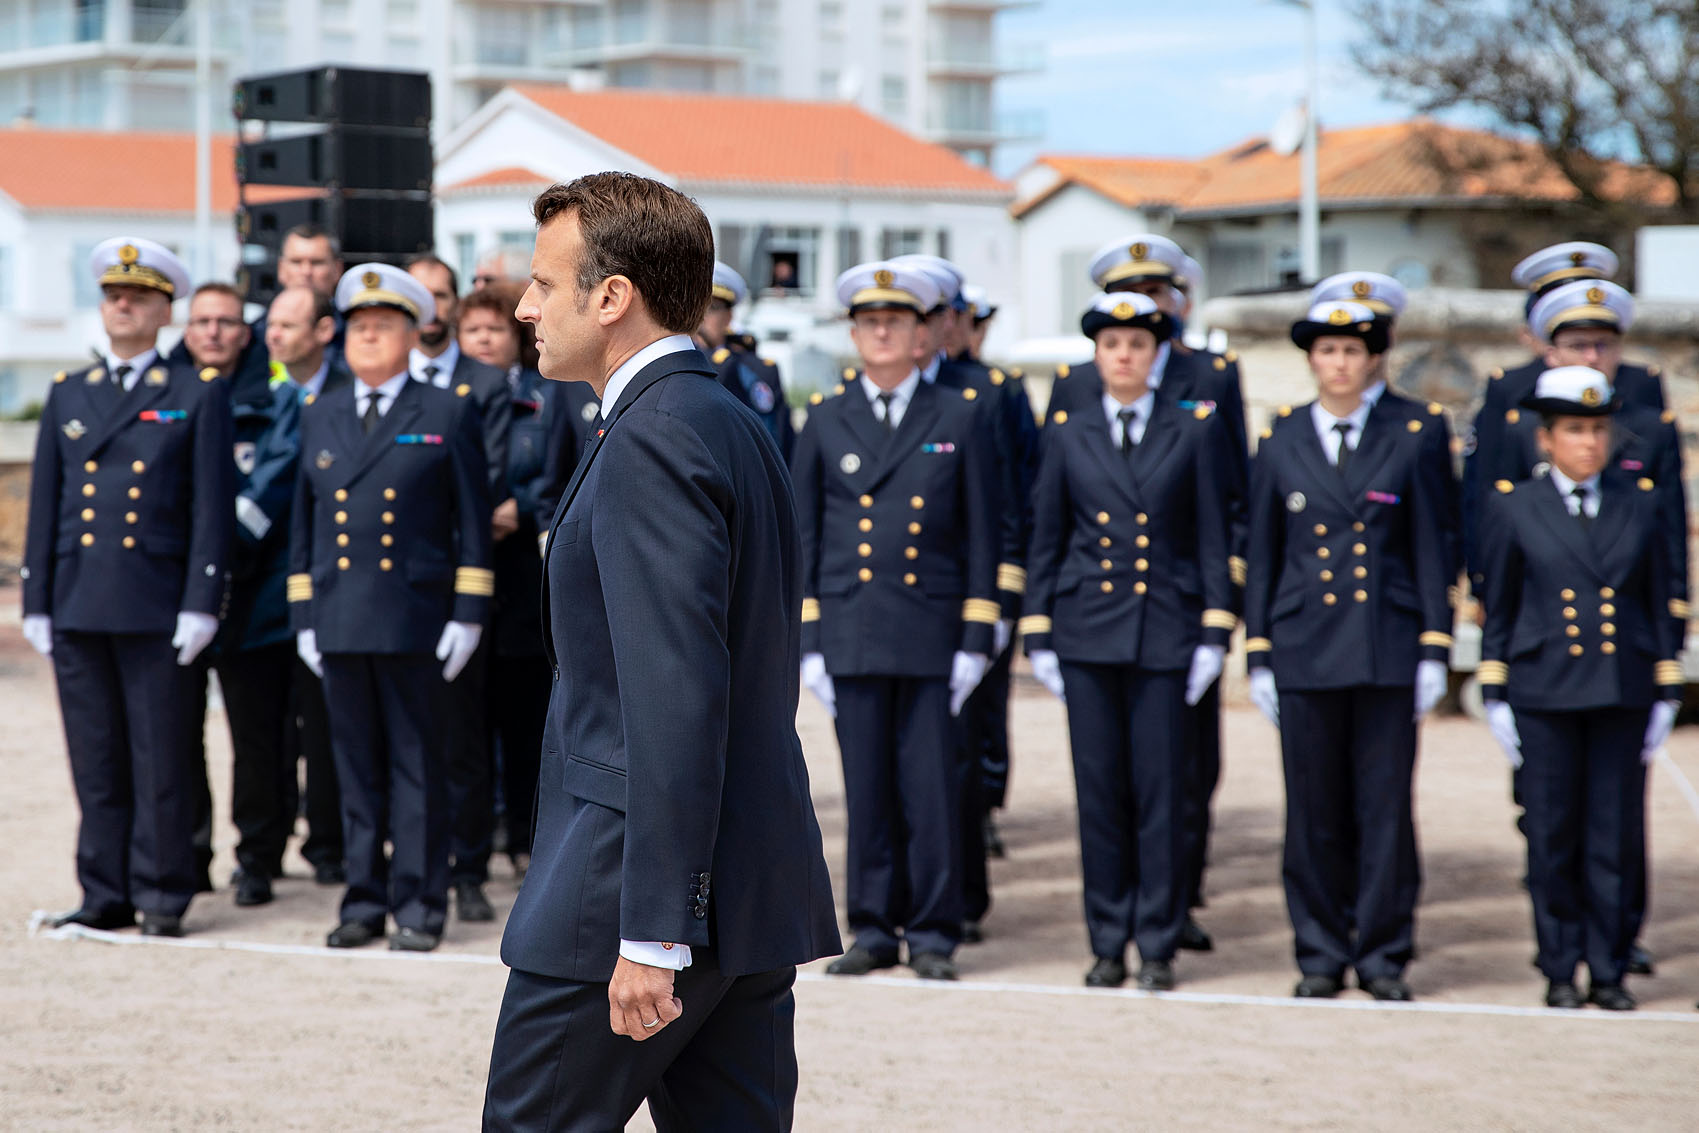 Les Sables d'Olonne, le 13 juin 2019. Hommage national aux sauveteurs du canot Jack Morisseau. Cérémonie présidée par Emmanuel Macron